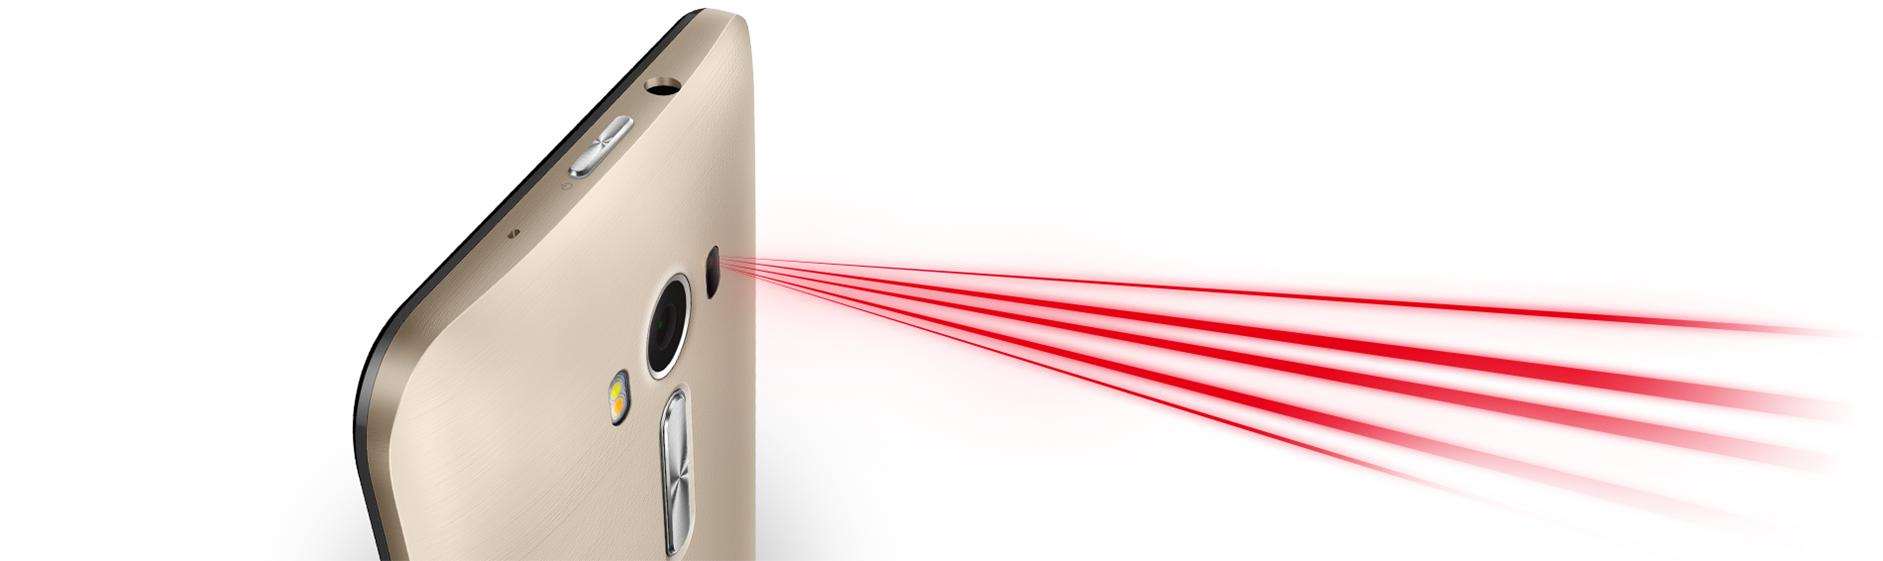 Laser Auto Focus